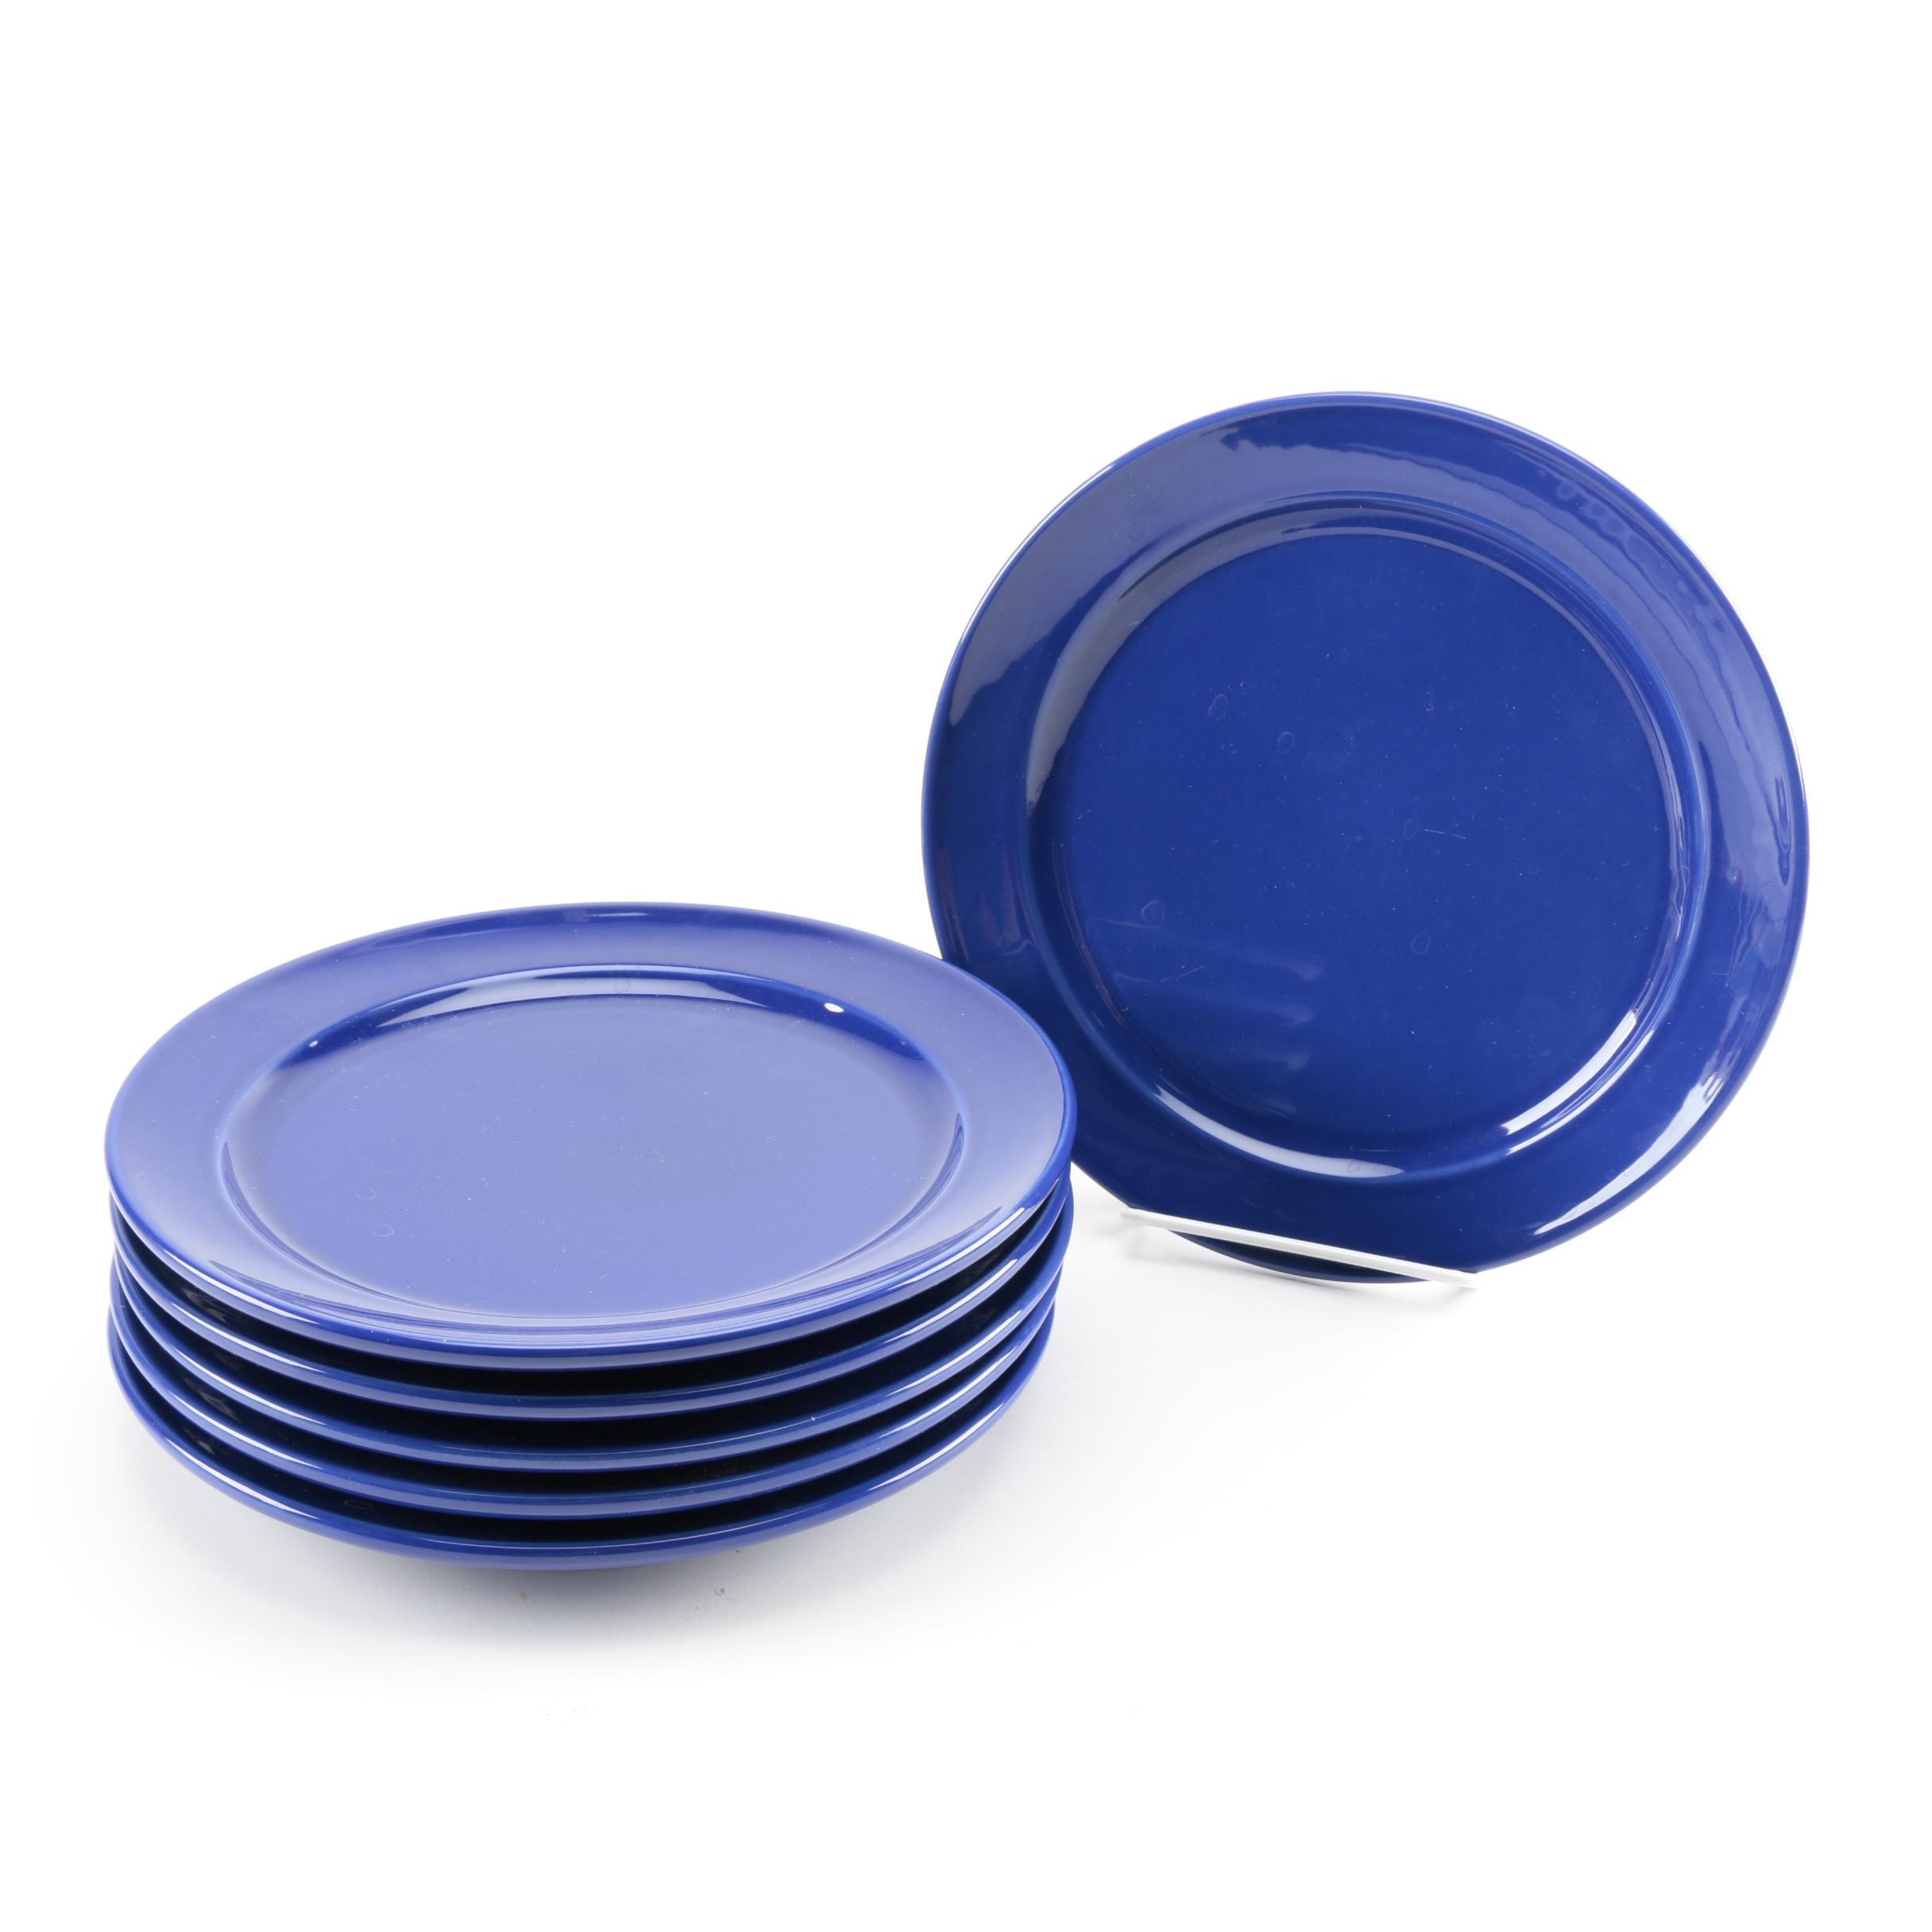 Emile Henry  Azur  Ceramic Salad Plates ...  sc 1 st  EBTH.com & Emile Henry